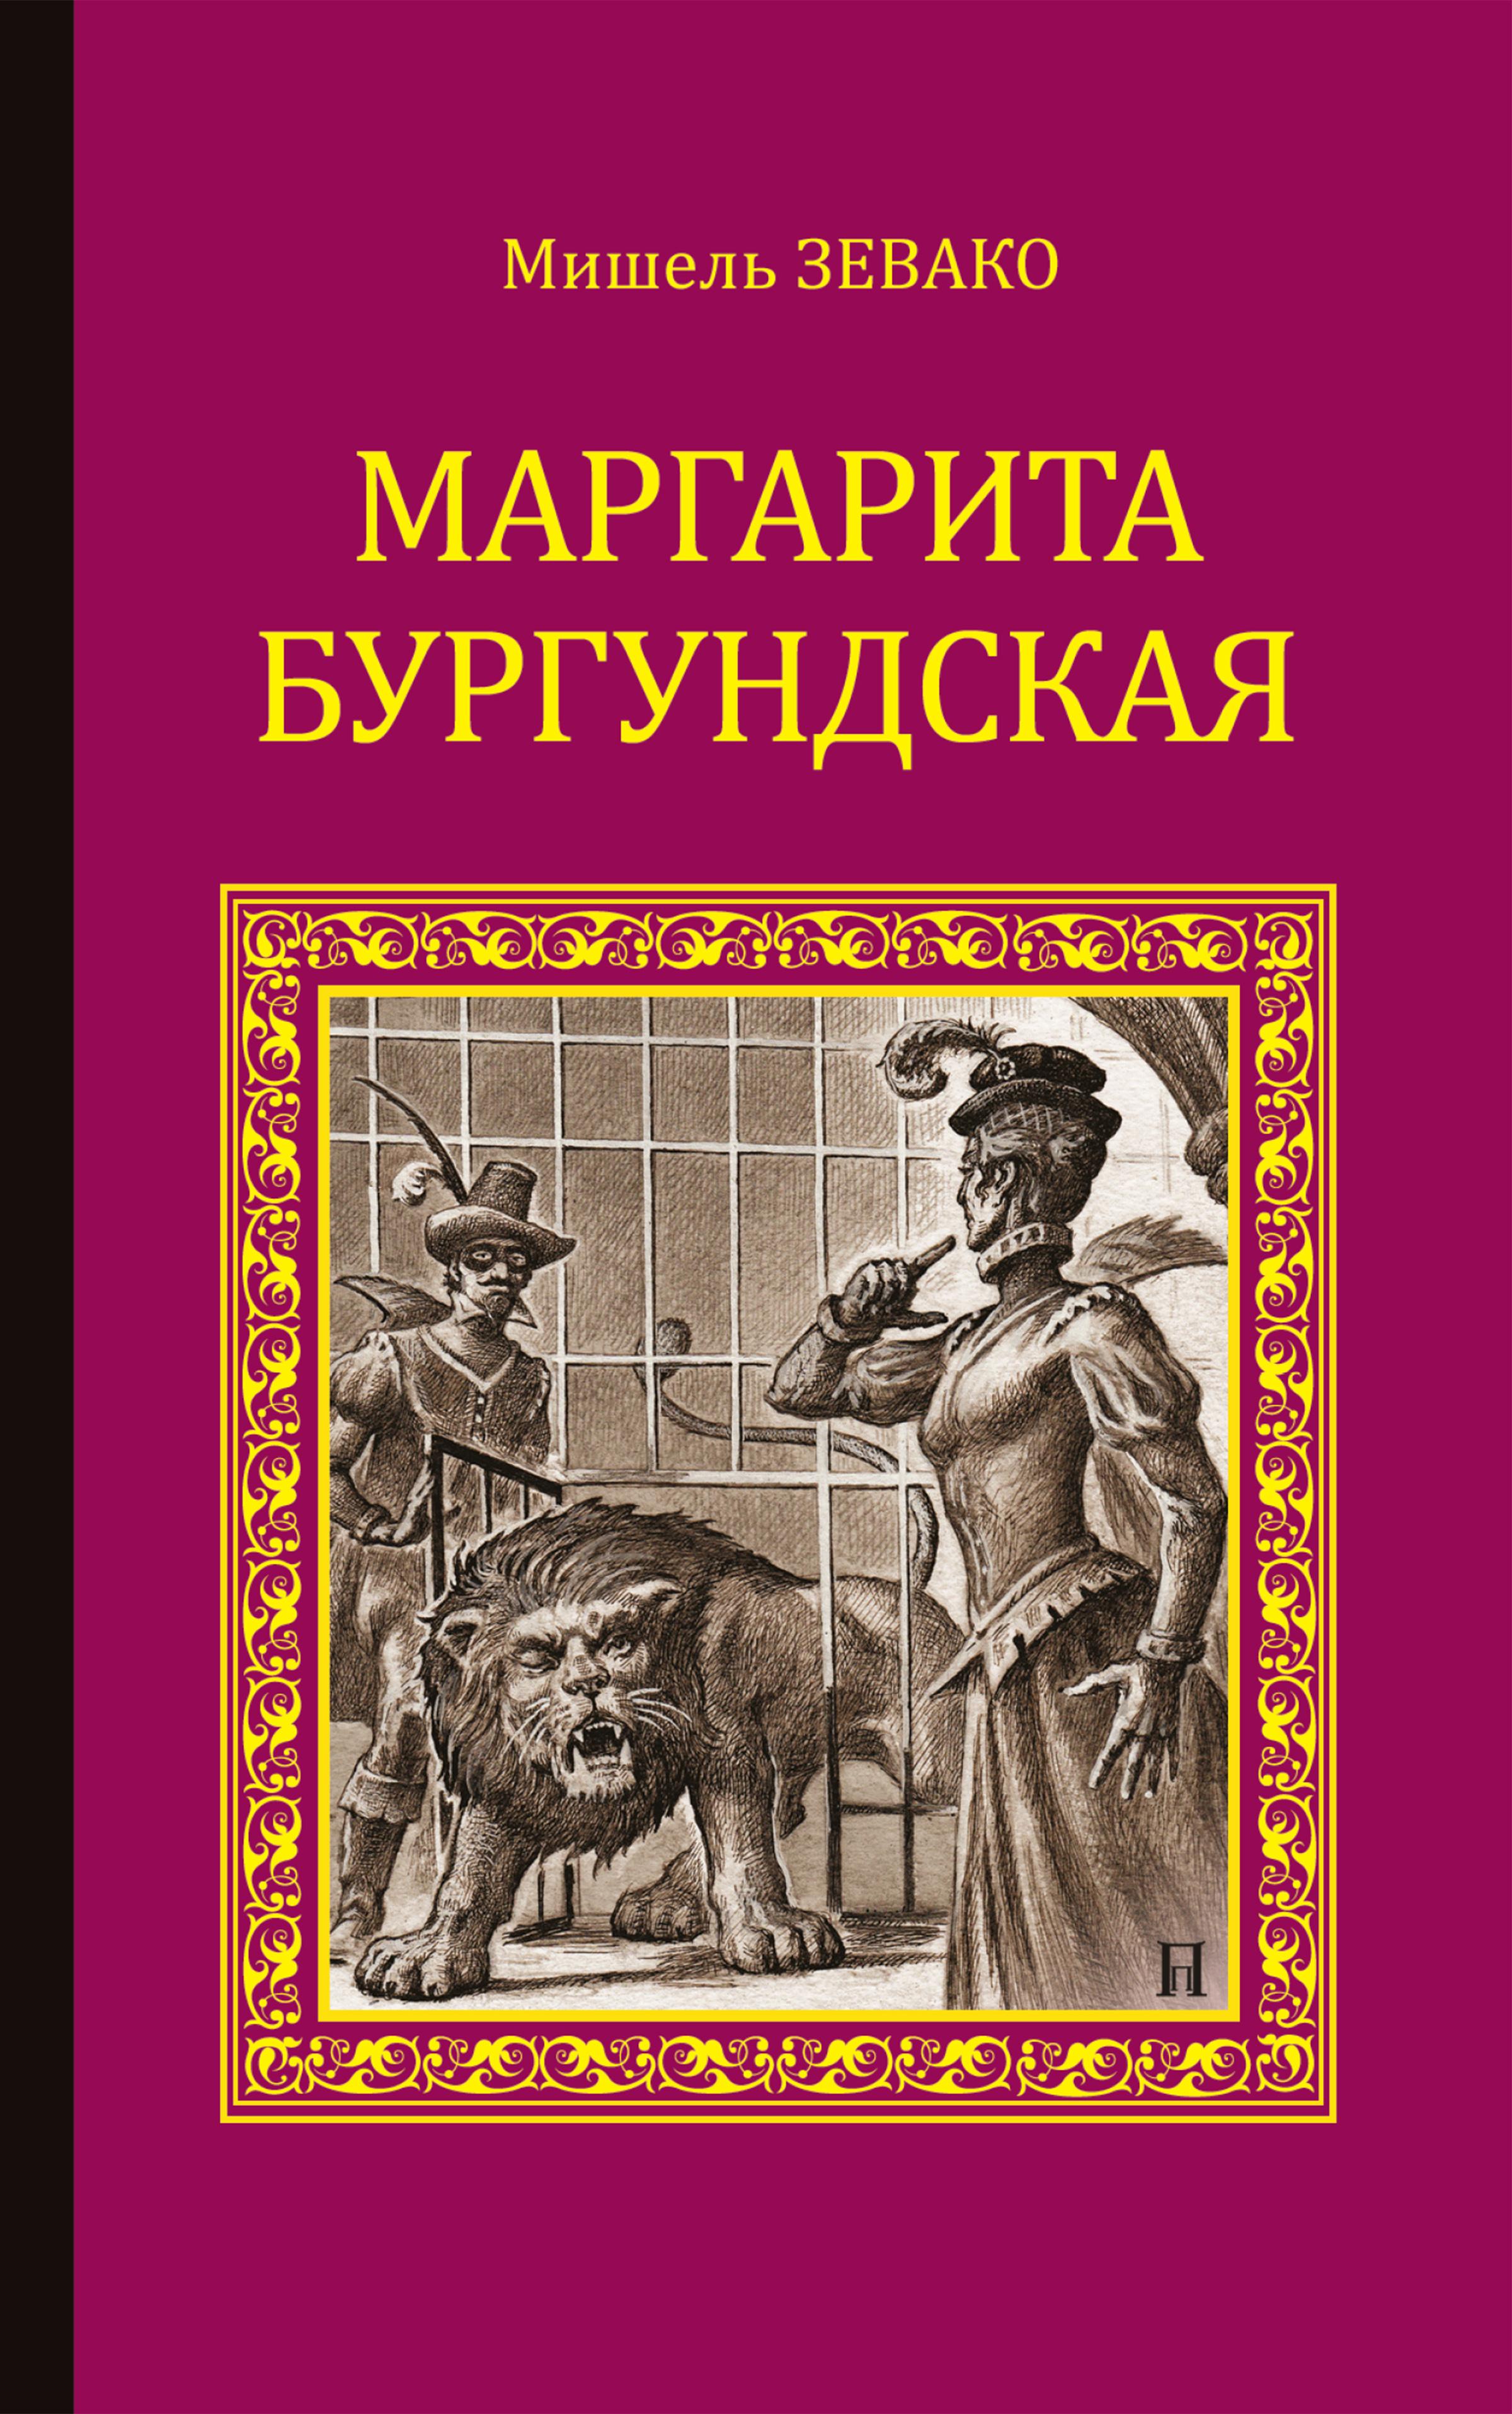 Мишель Зевако Маргарита Бургундская мишель зевако пардайяны книга 1